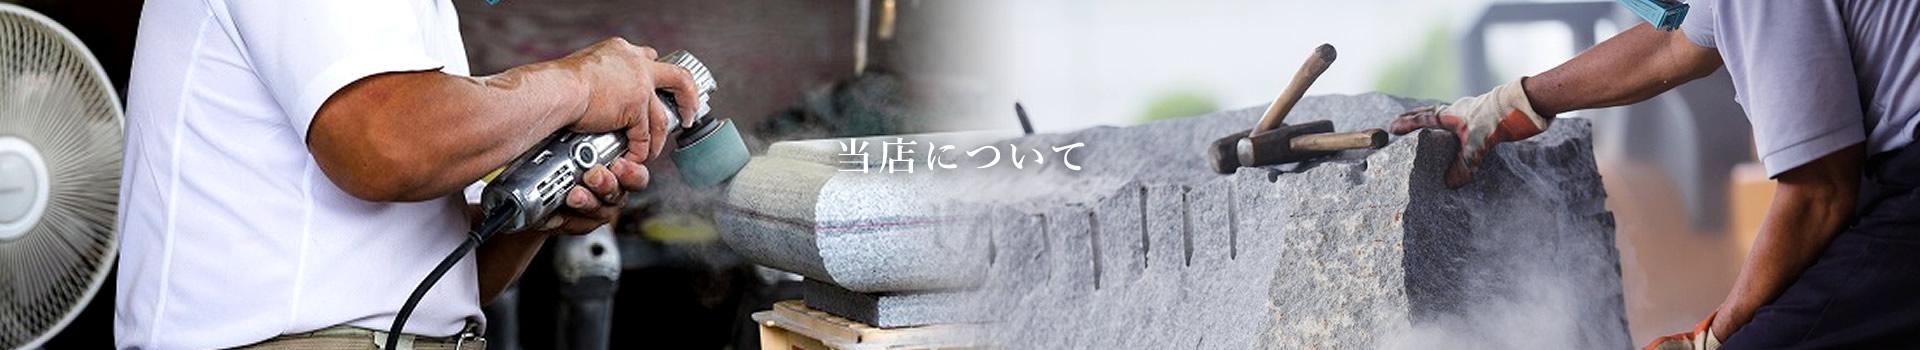 宇津石材店について